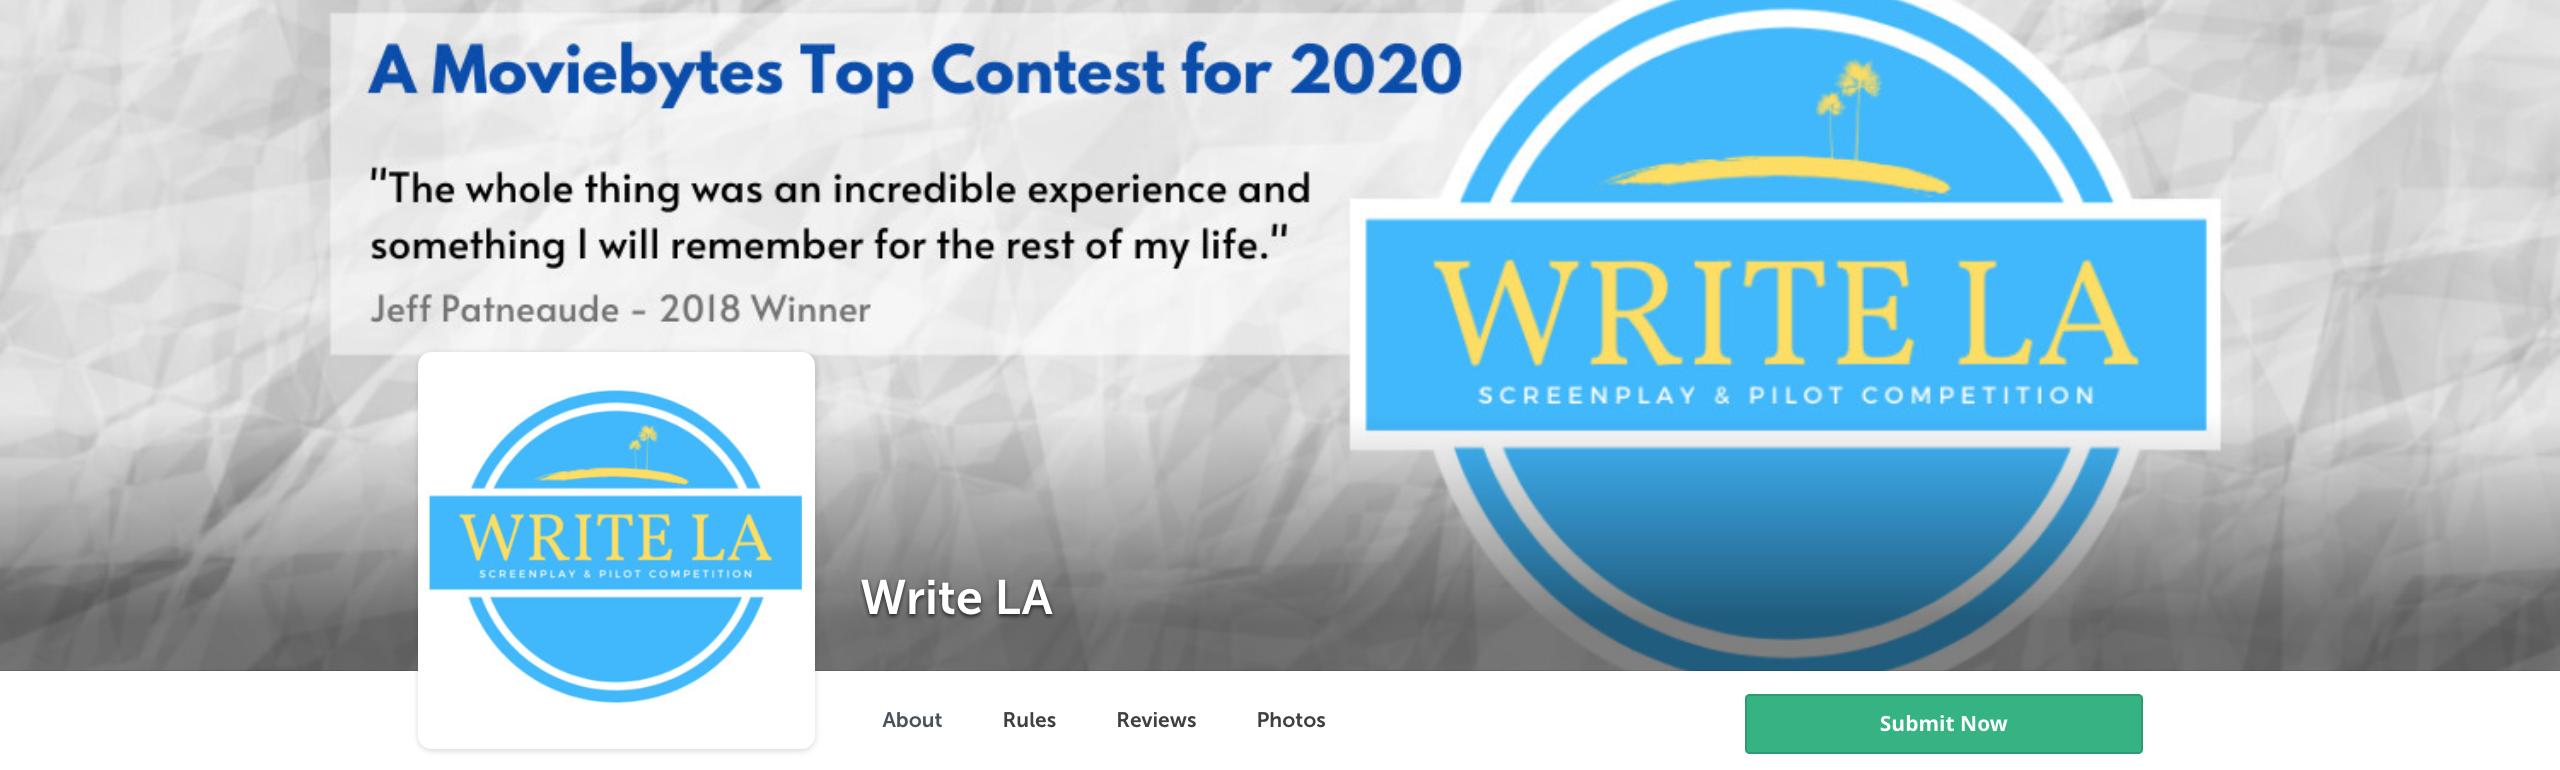 Write LA